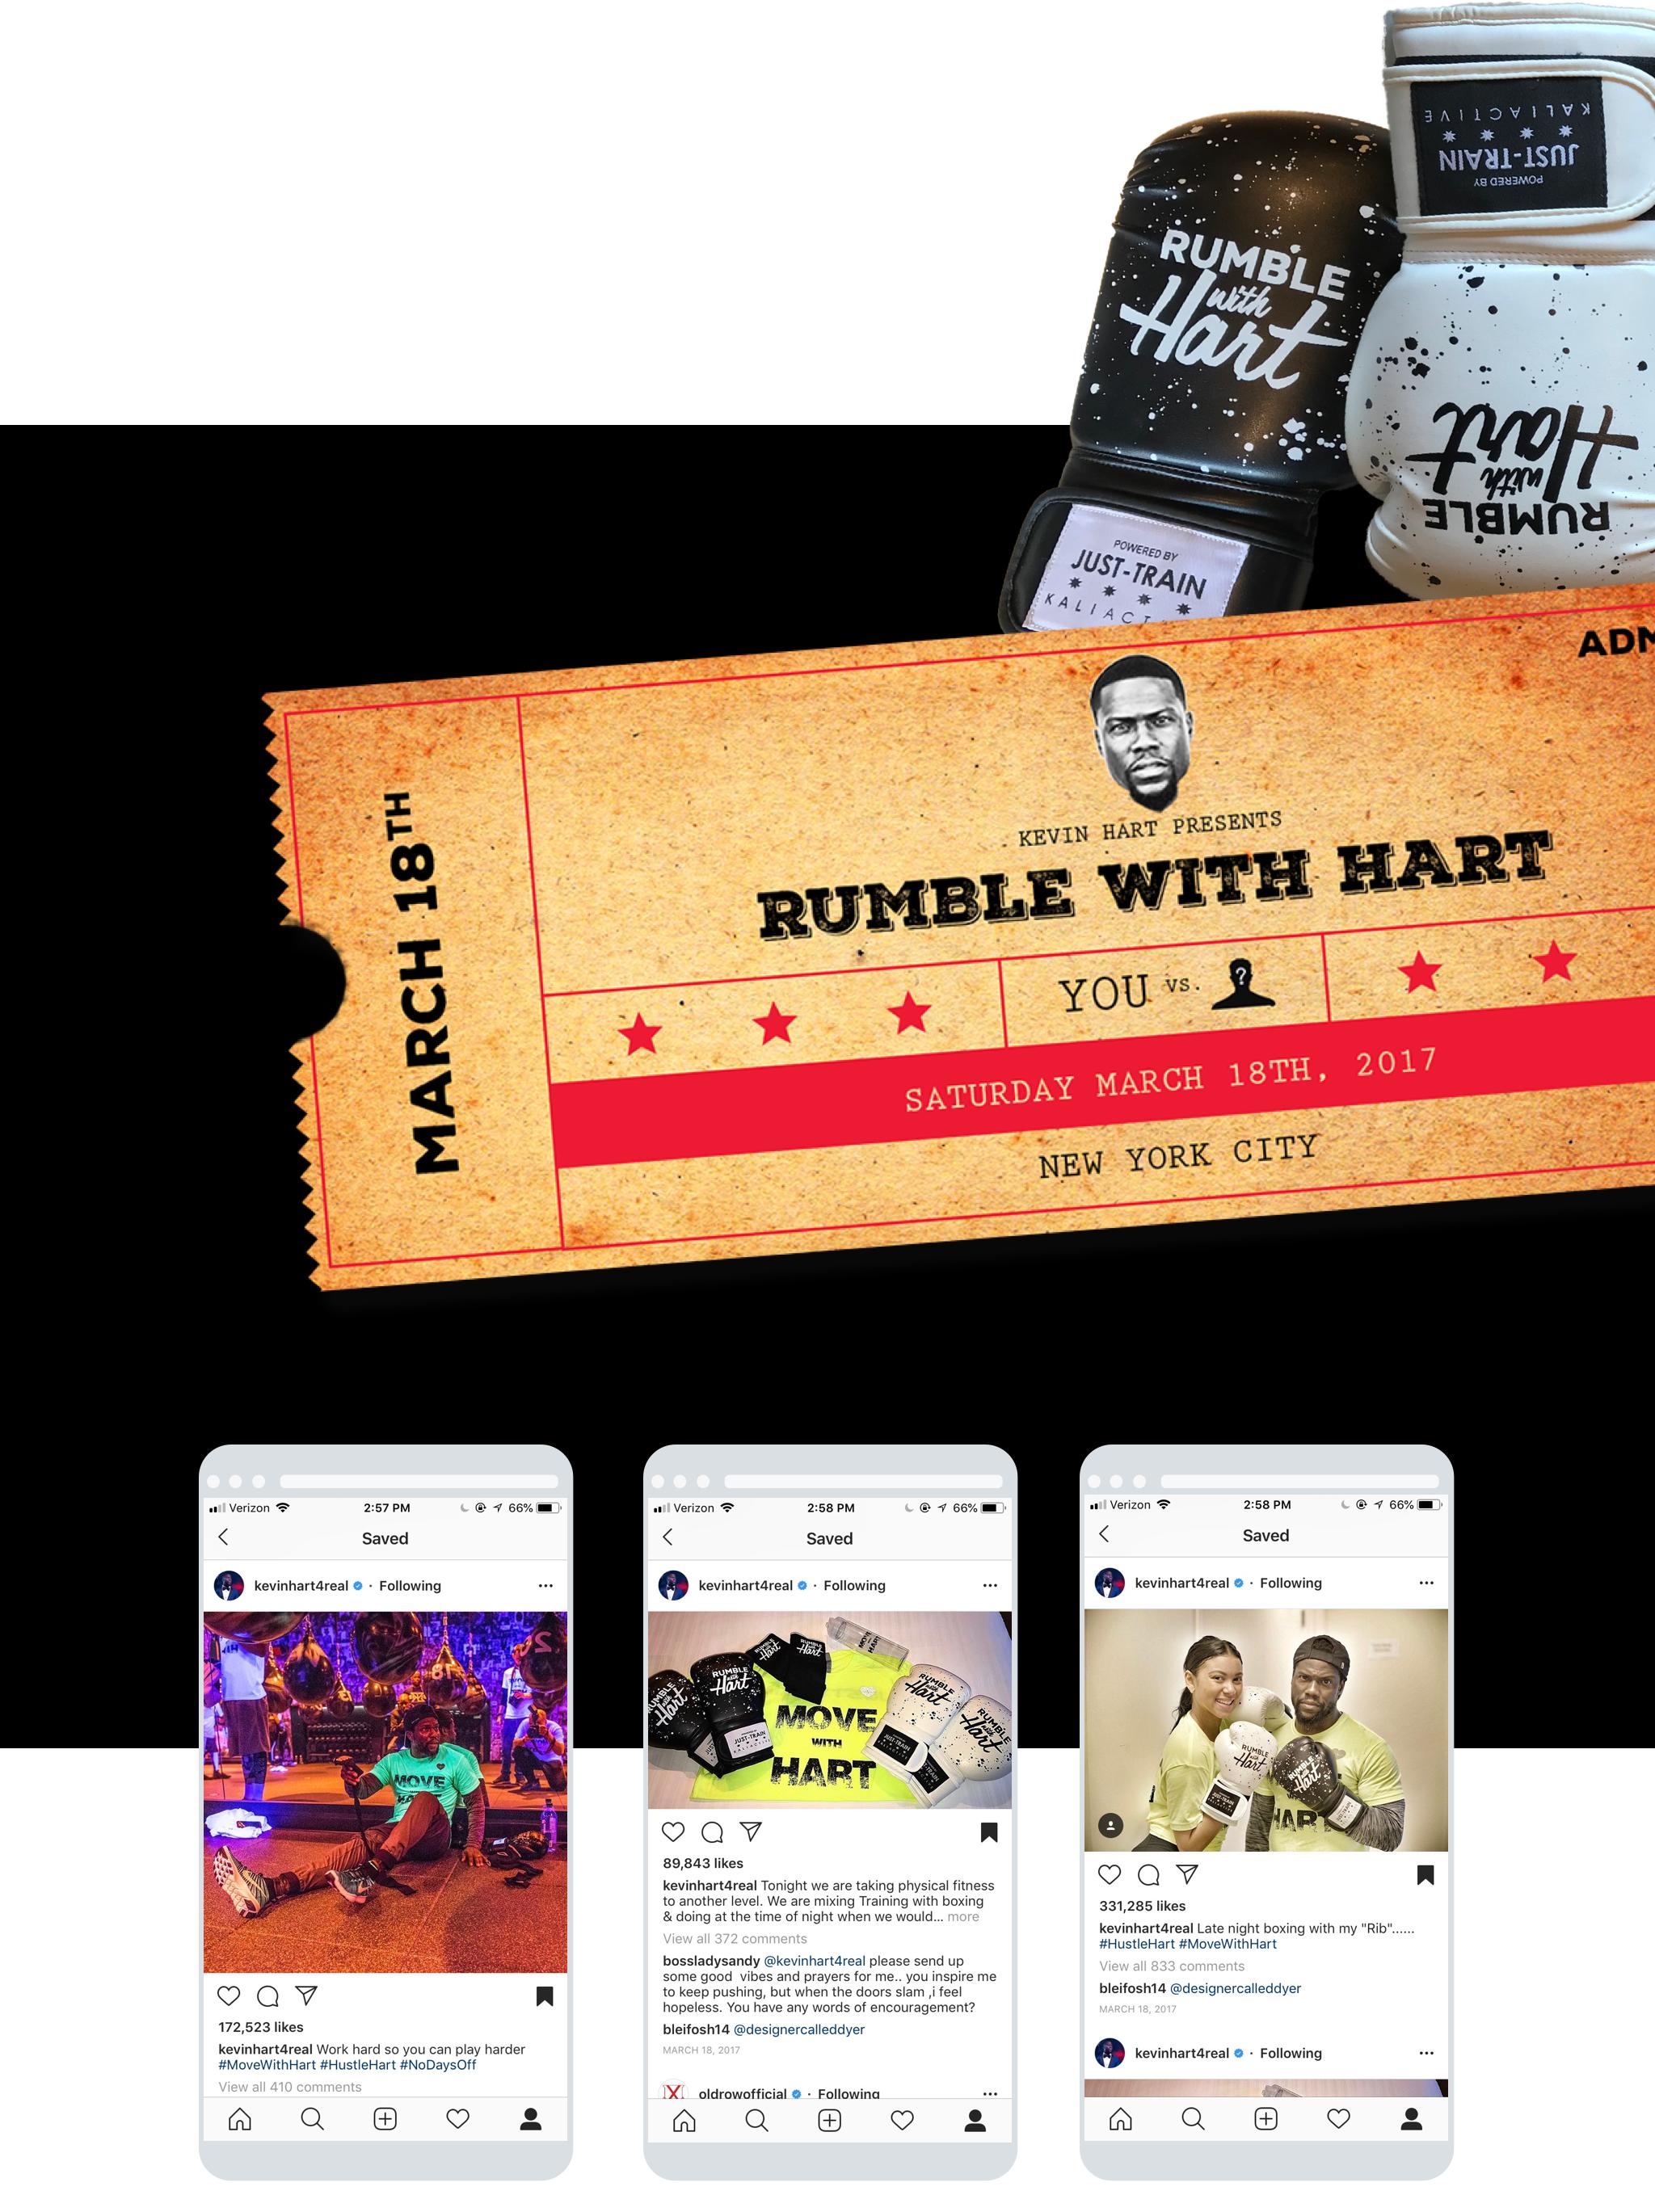 rumble hart 3 iphones display